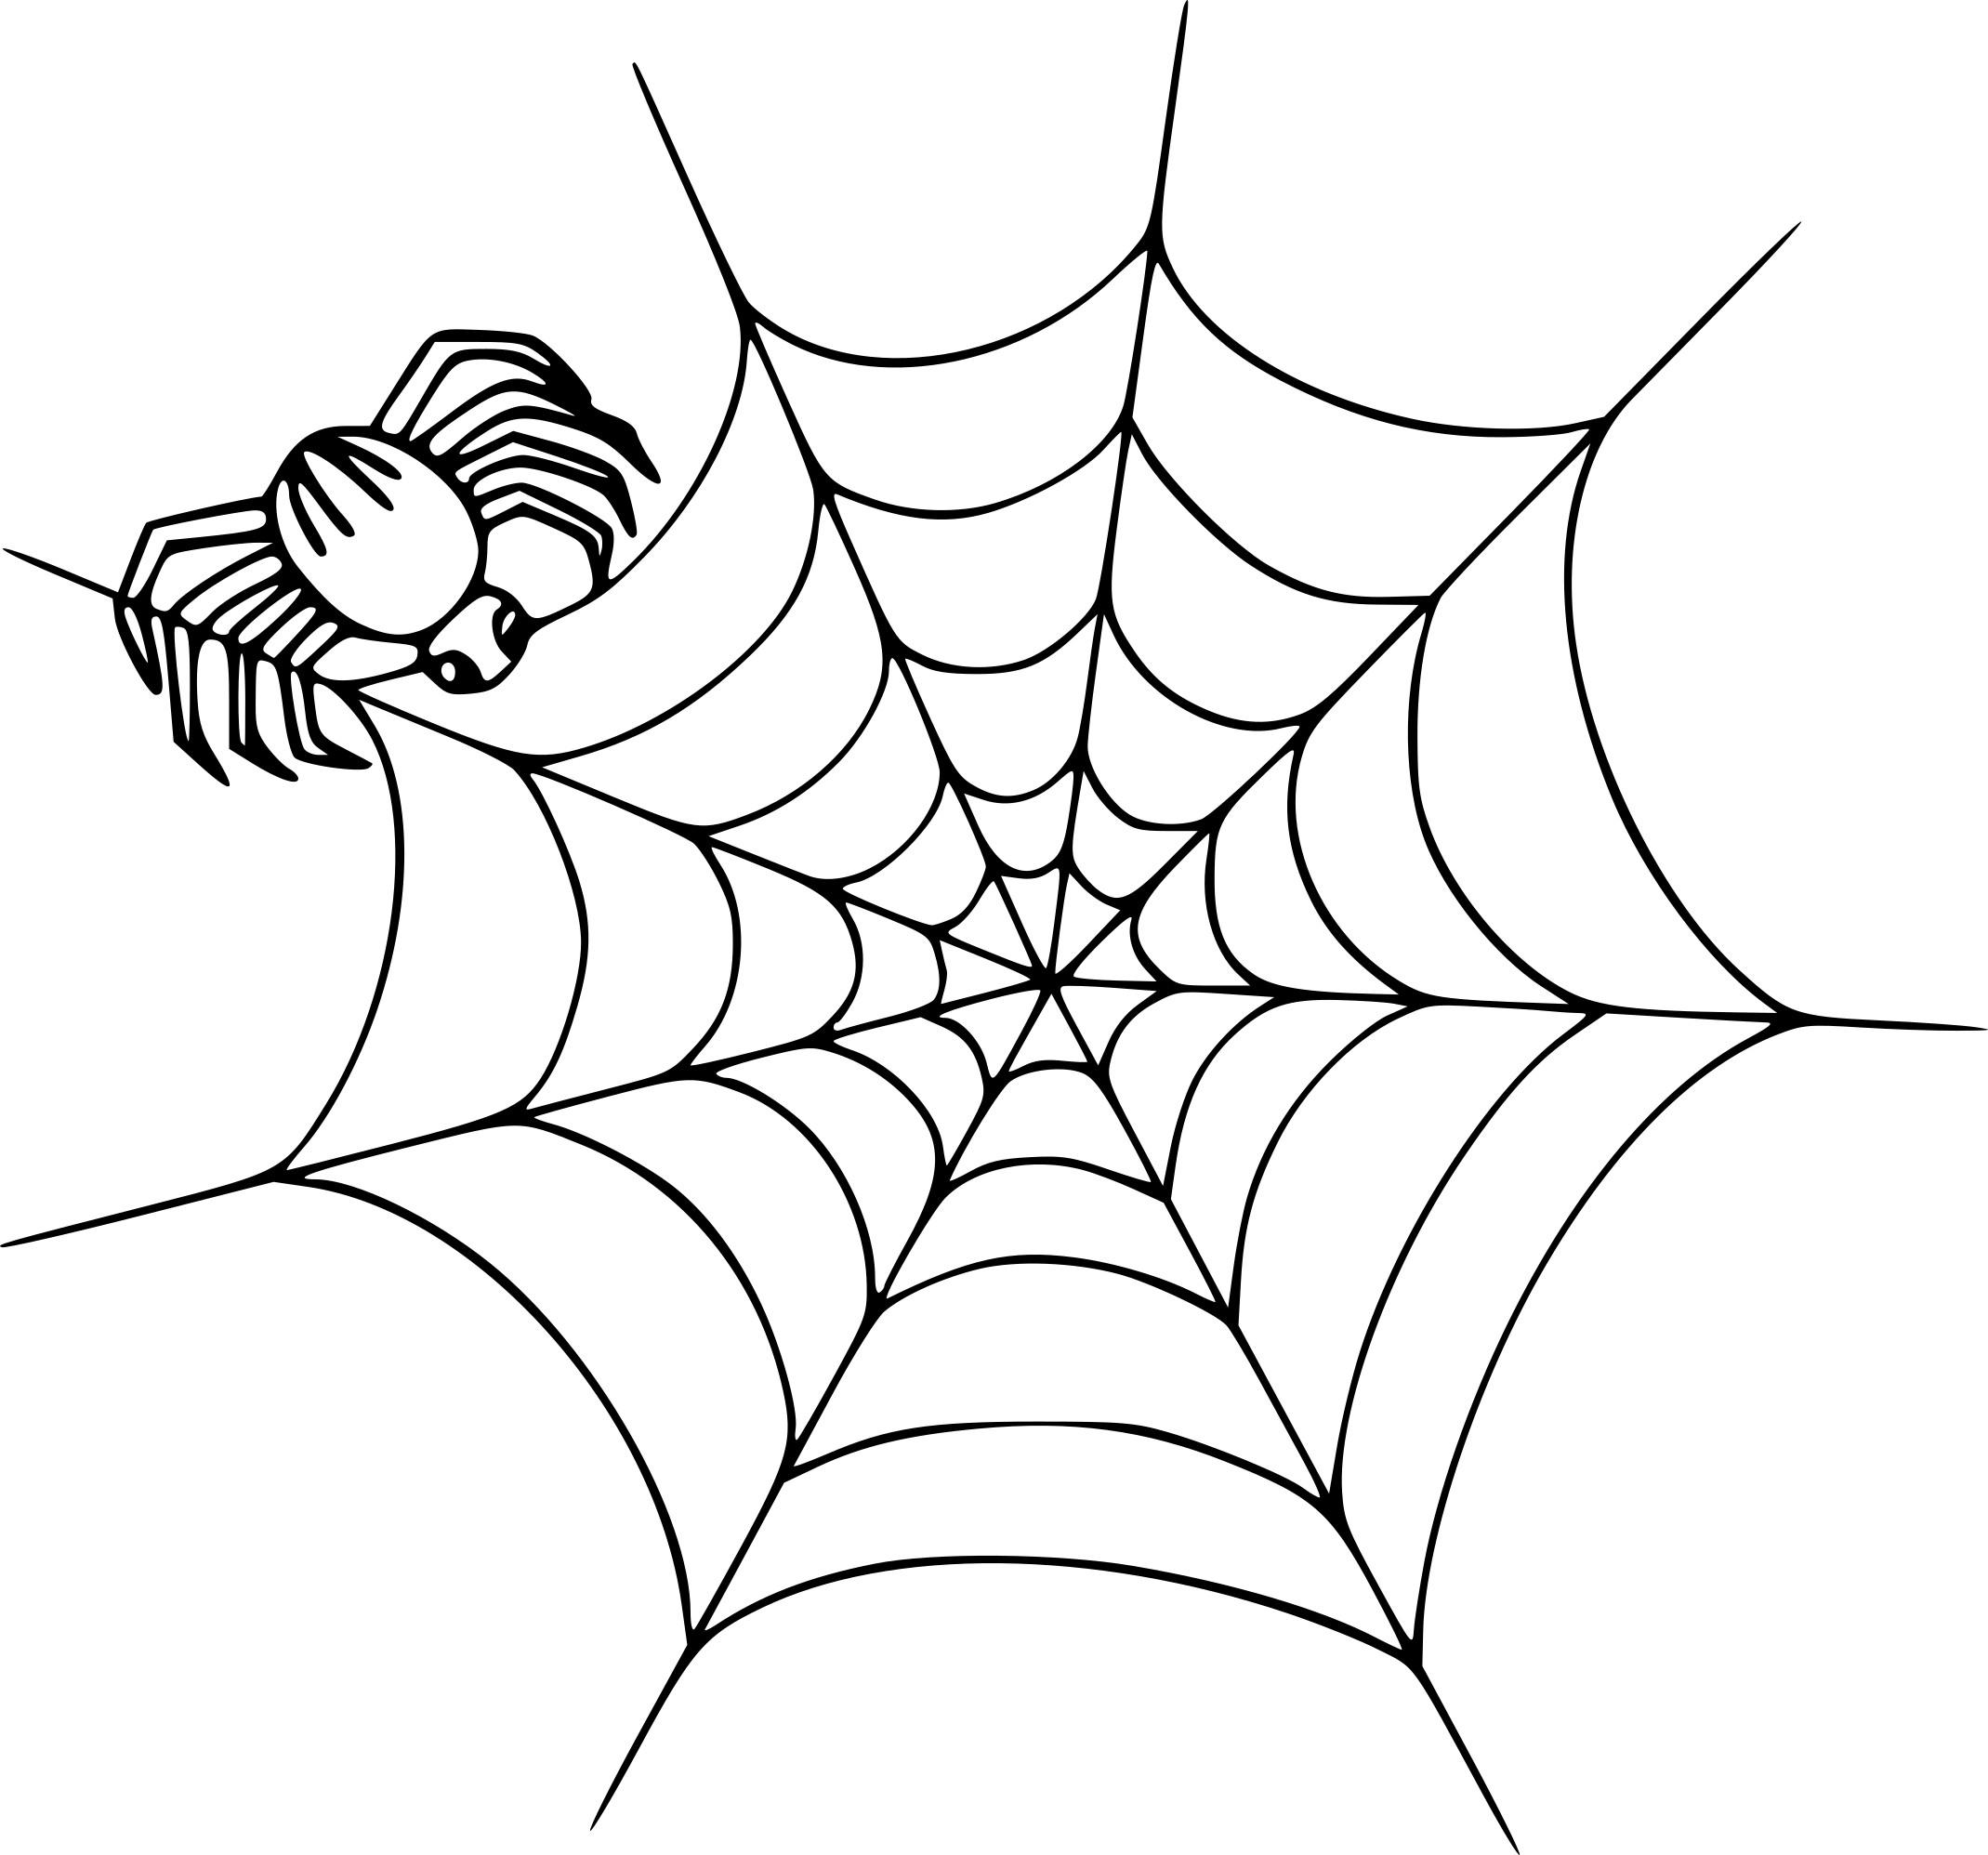 Coloriage Toile D'araignée À Imprimer à Dessiner Une Araignee